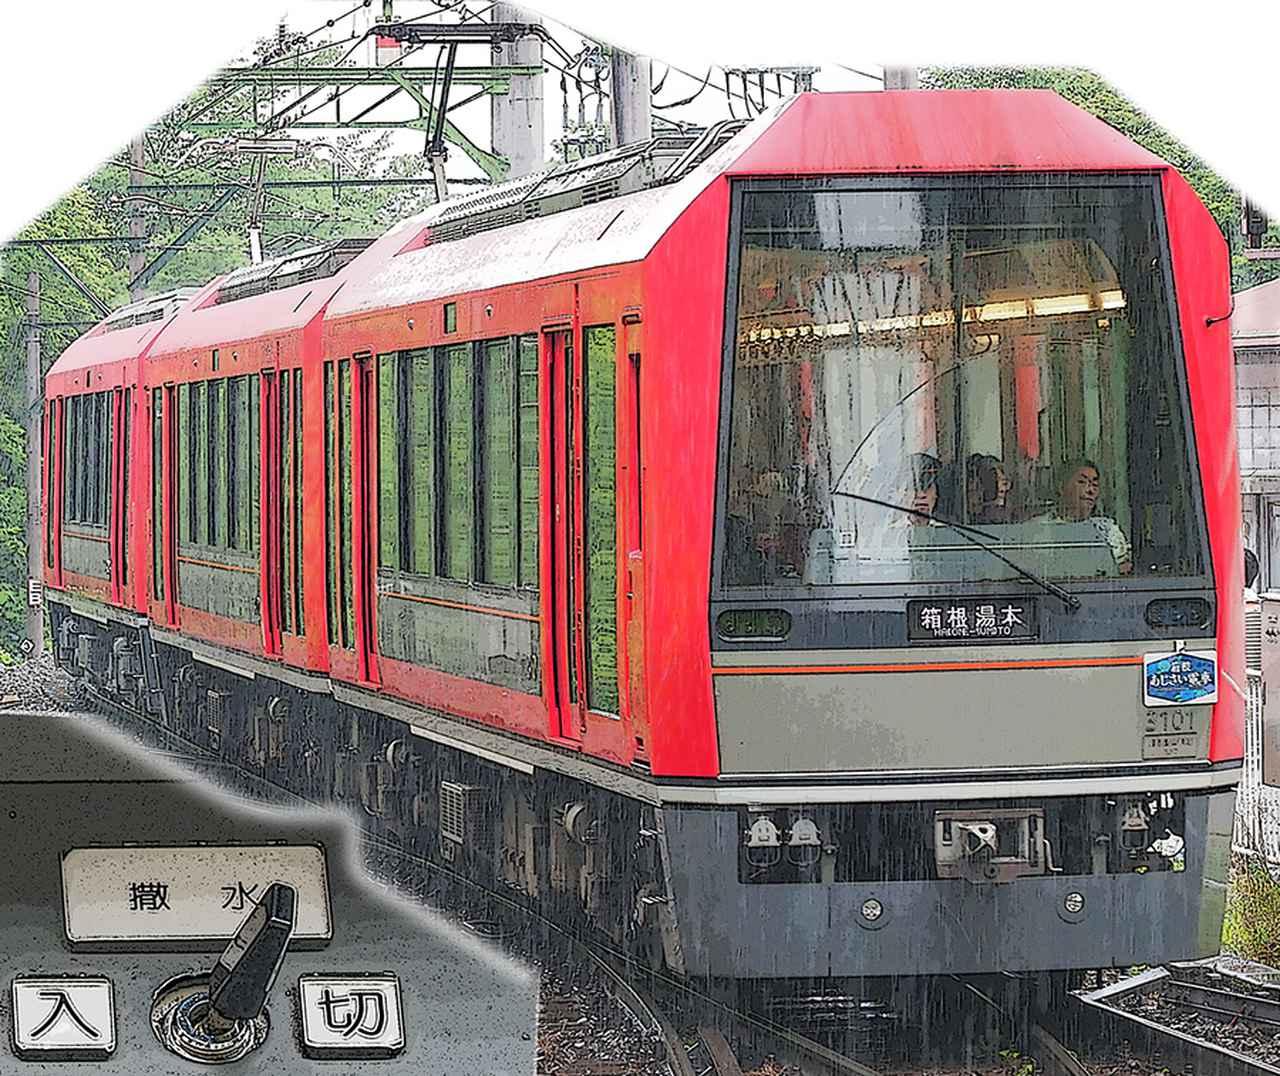 Images : 3番目の画像 - モンスターマシン 022 箱根登山鉄道 - Webモーターマガジン